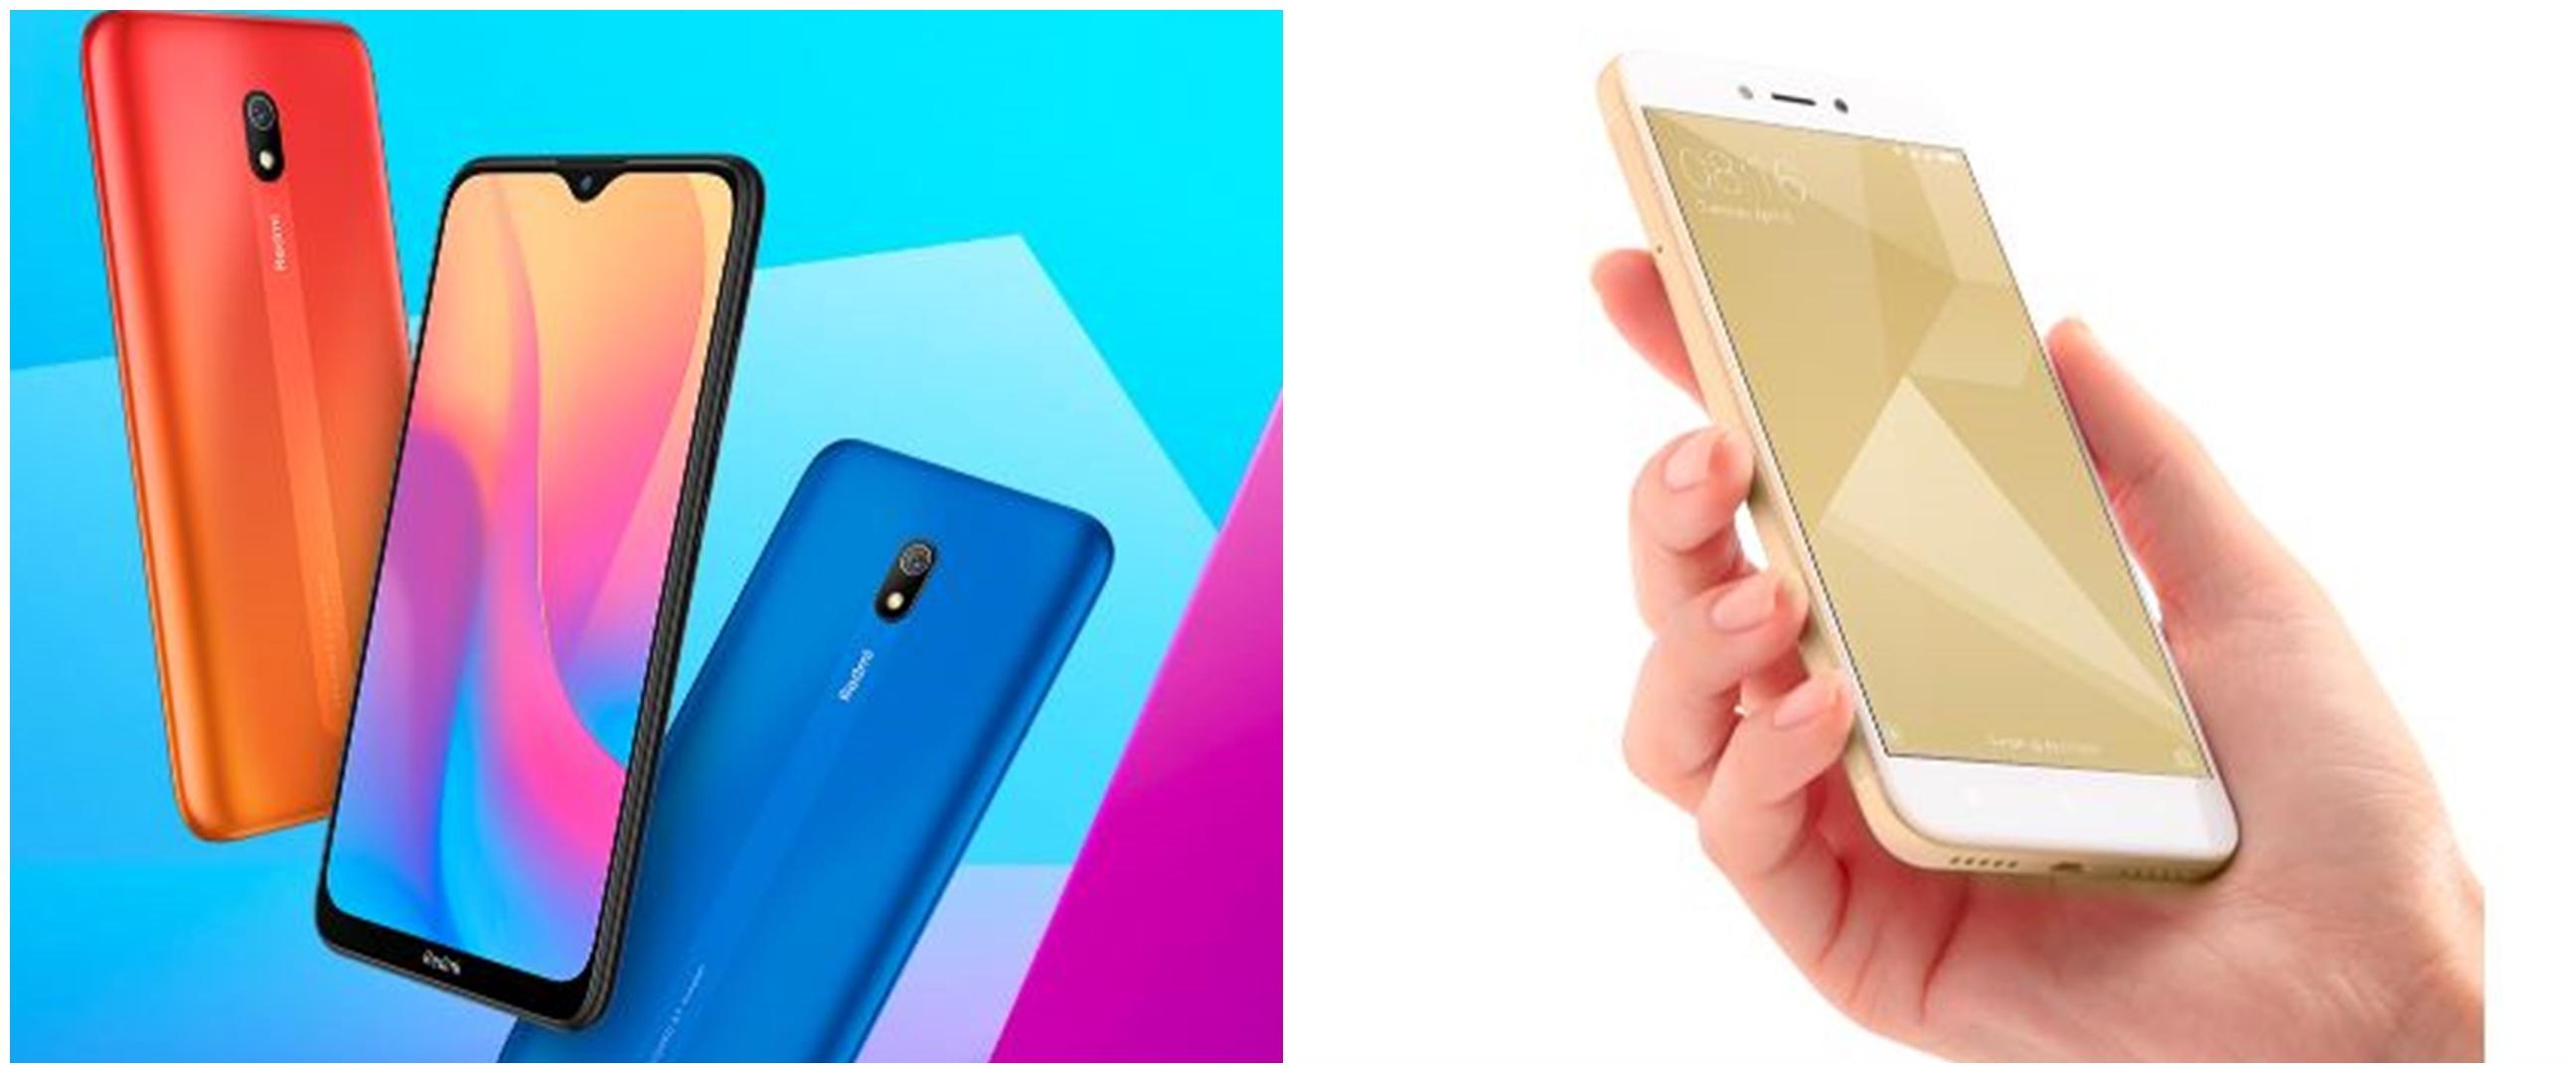 10 HP Xiaomi Redmi di bawah Rp 2 juta, ramah di kantong